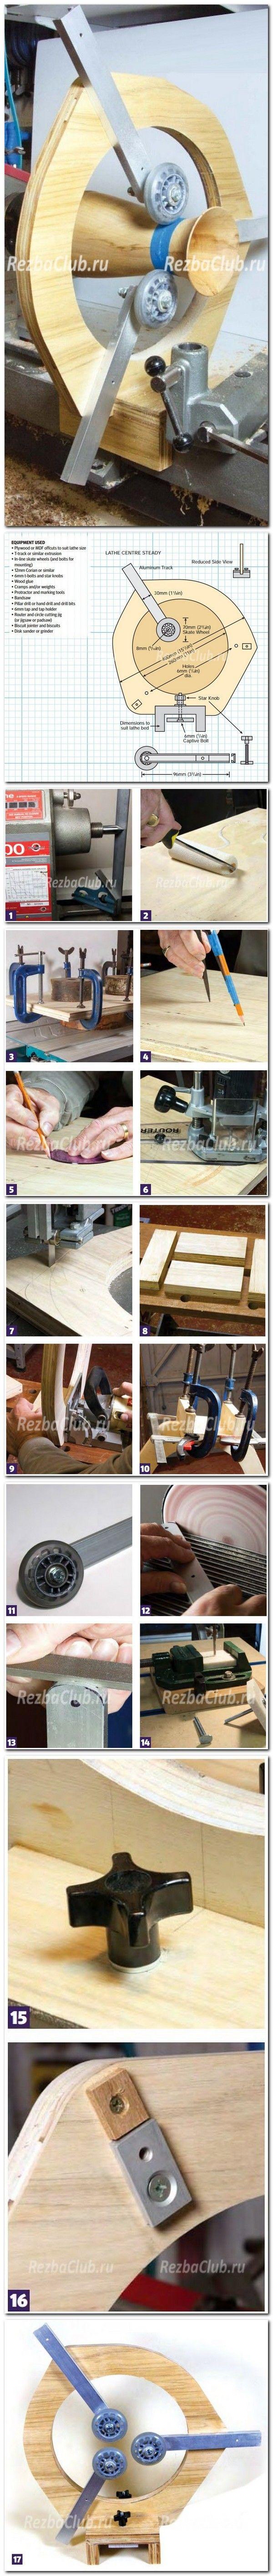 Lunet đơn giản bằng gỗ